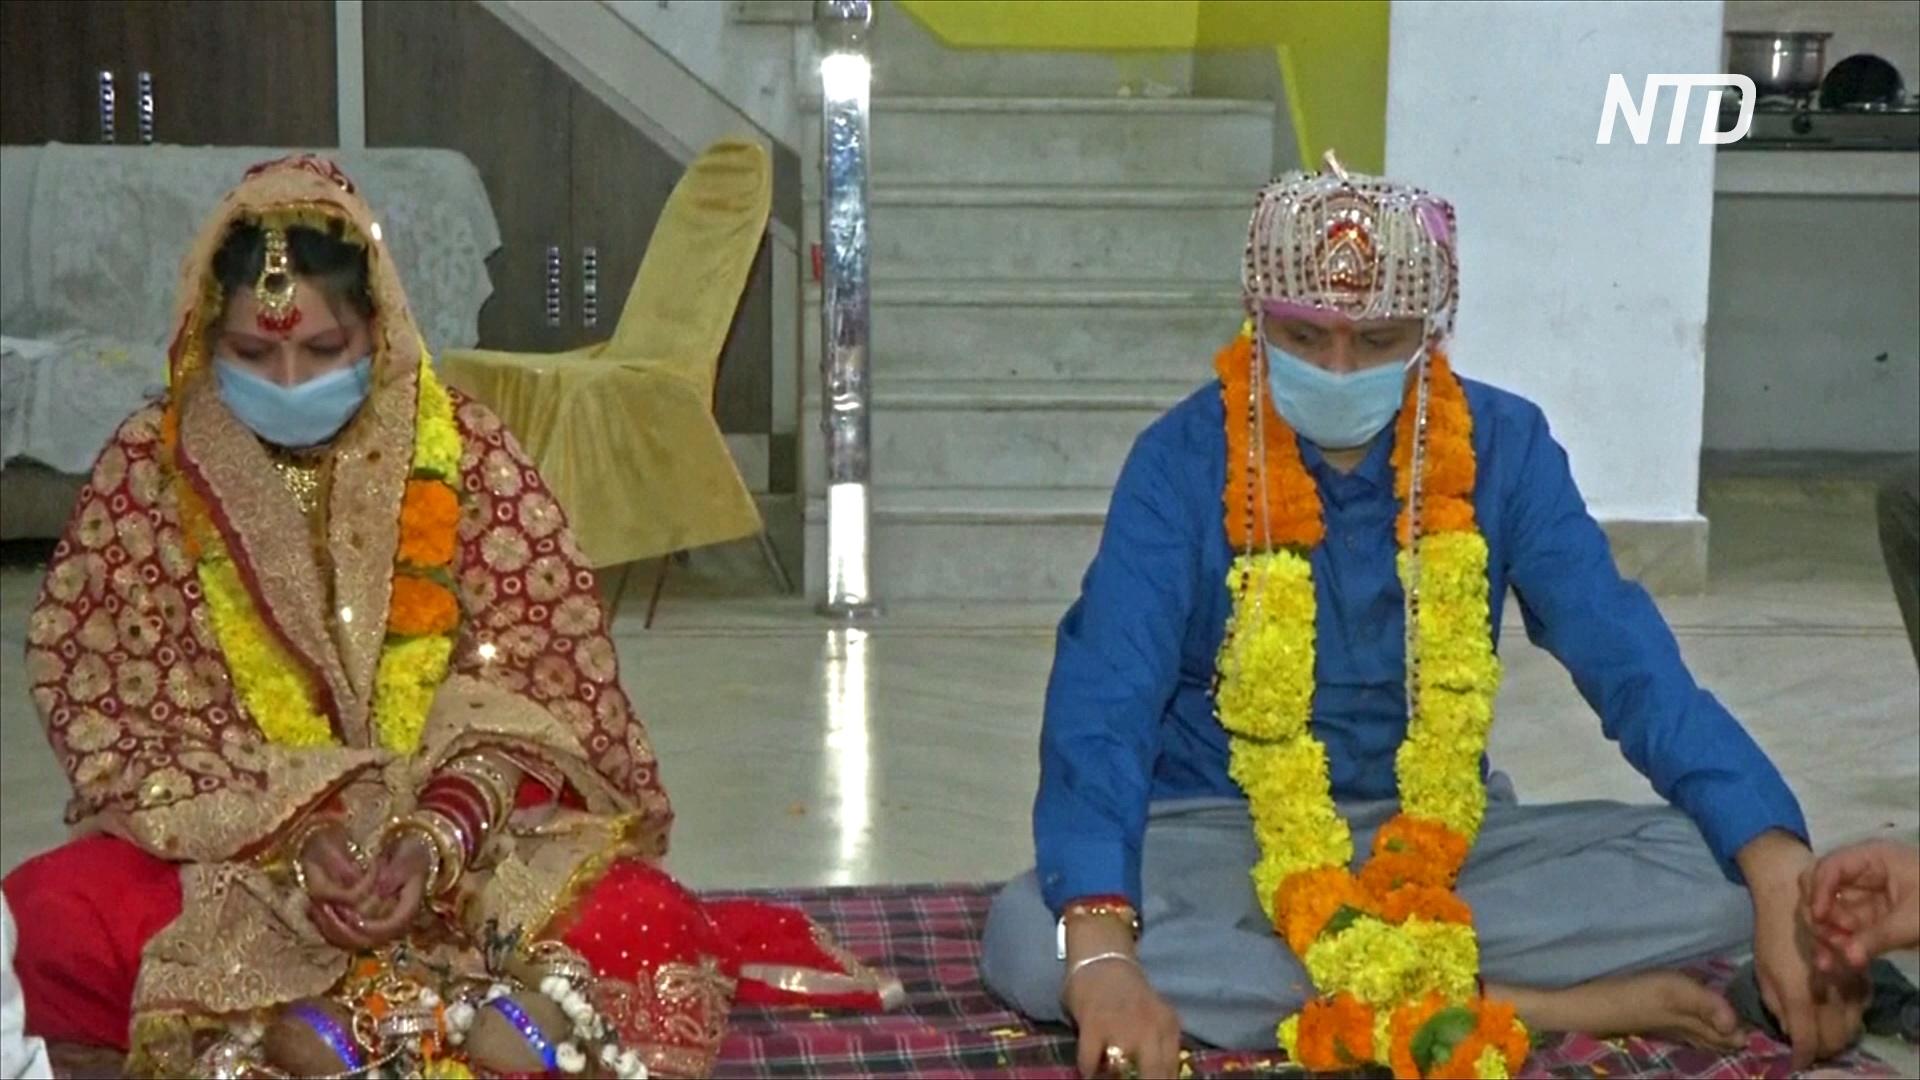 Маски и стерильные руки: какими стали индийские свадьбы